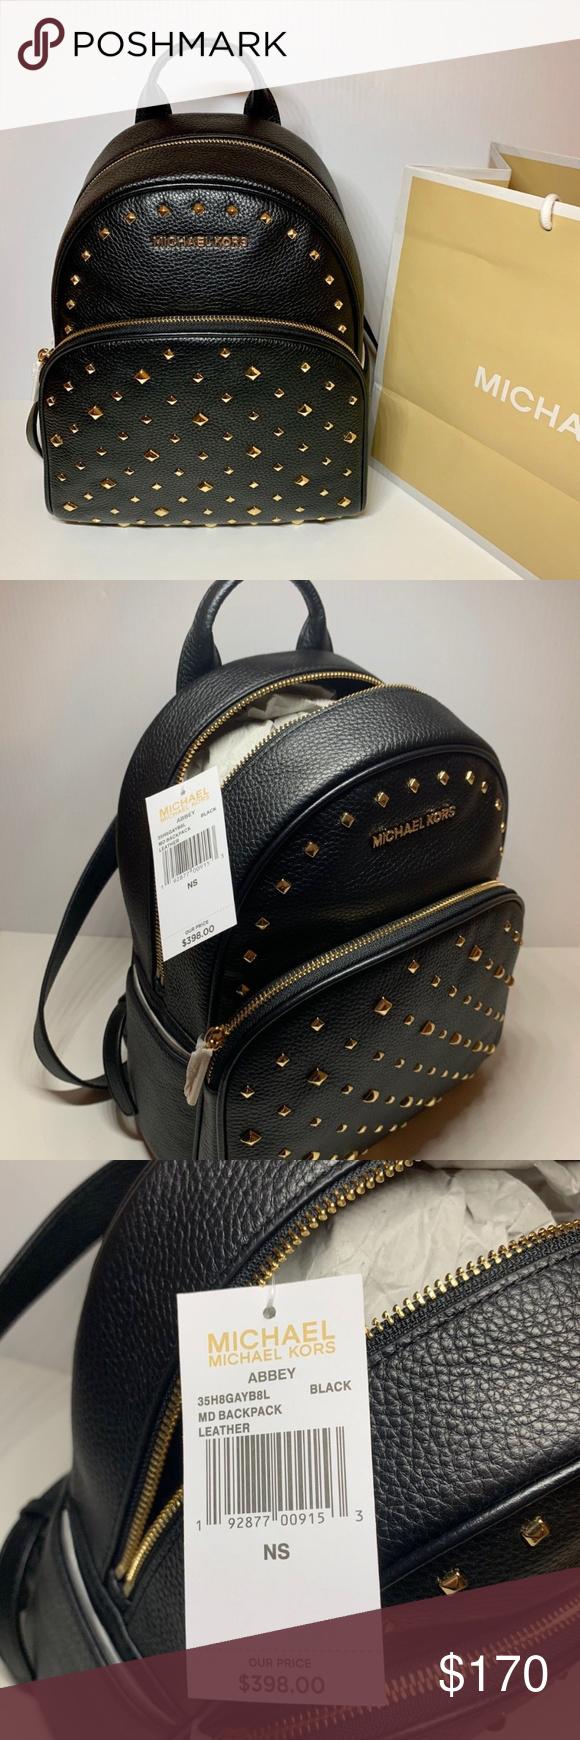 0d5f3c328e7b MICHAEL KORS Abbey MD Stud Black Leather Backpack MICHAEL KORS Abbey Medium  Studded Black Leather Backpack